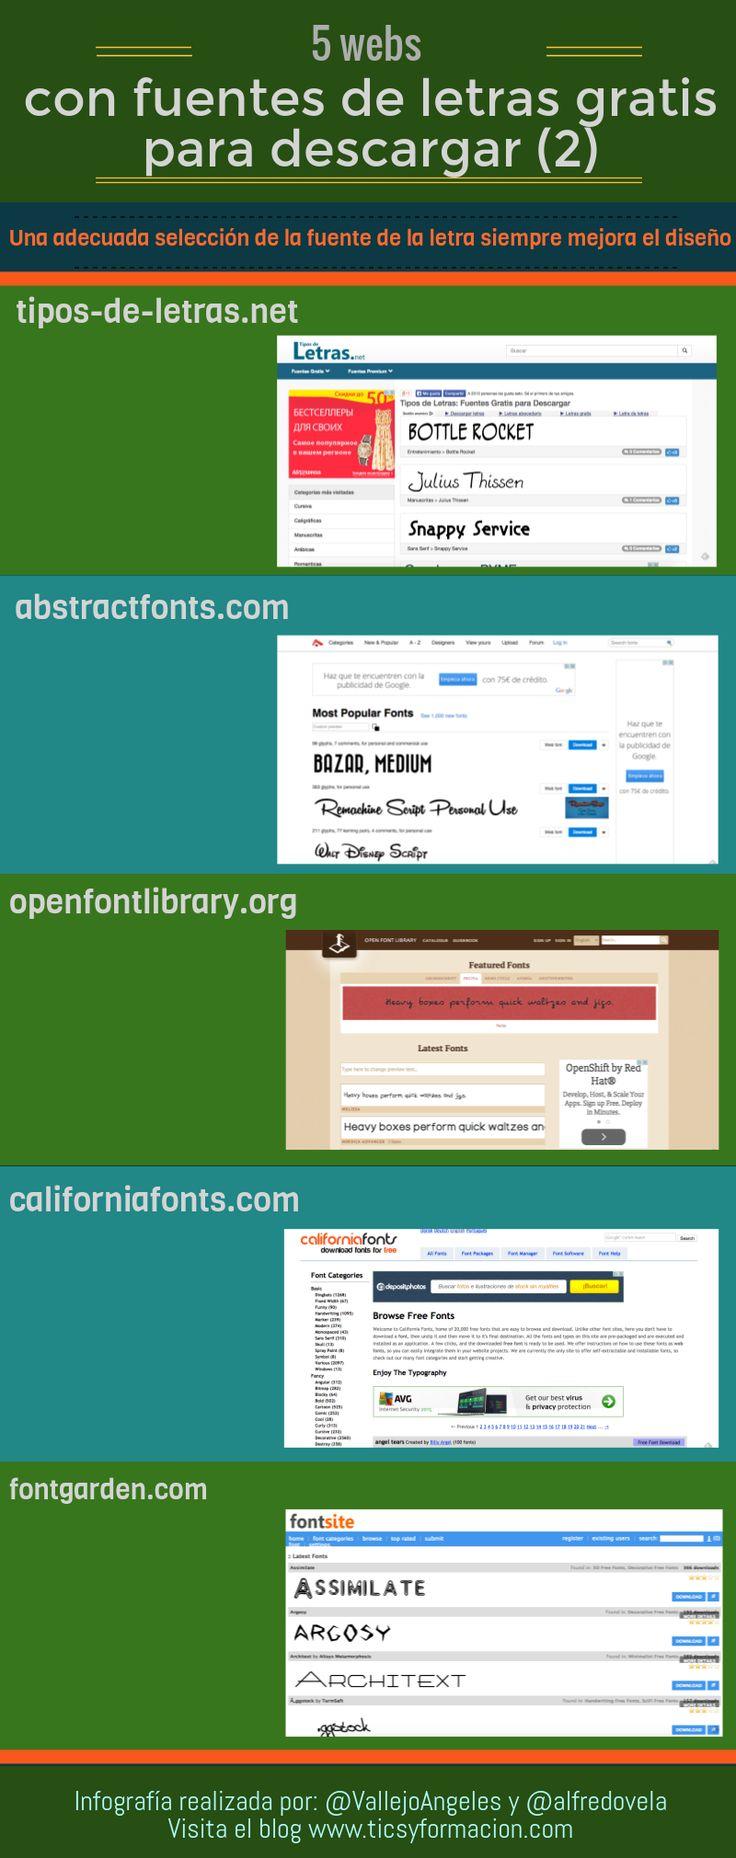 5 webs con fuentes de letras gratis (2) #infografia #infographic #design vía ticsyformacion.com